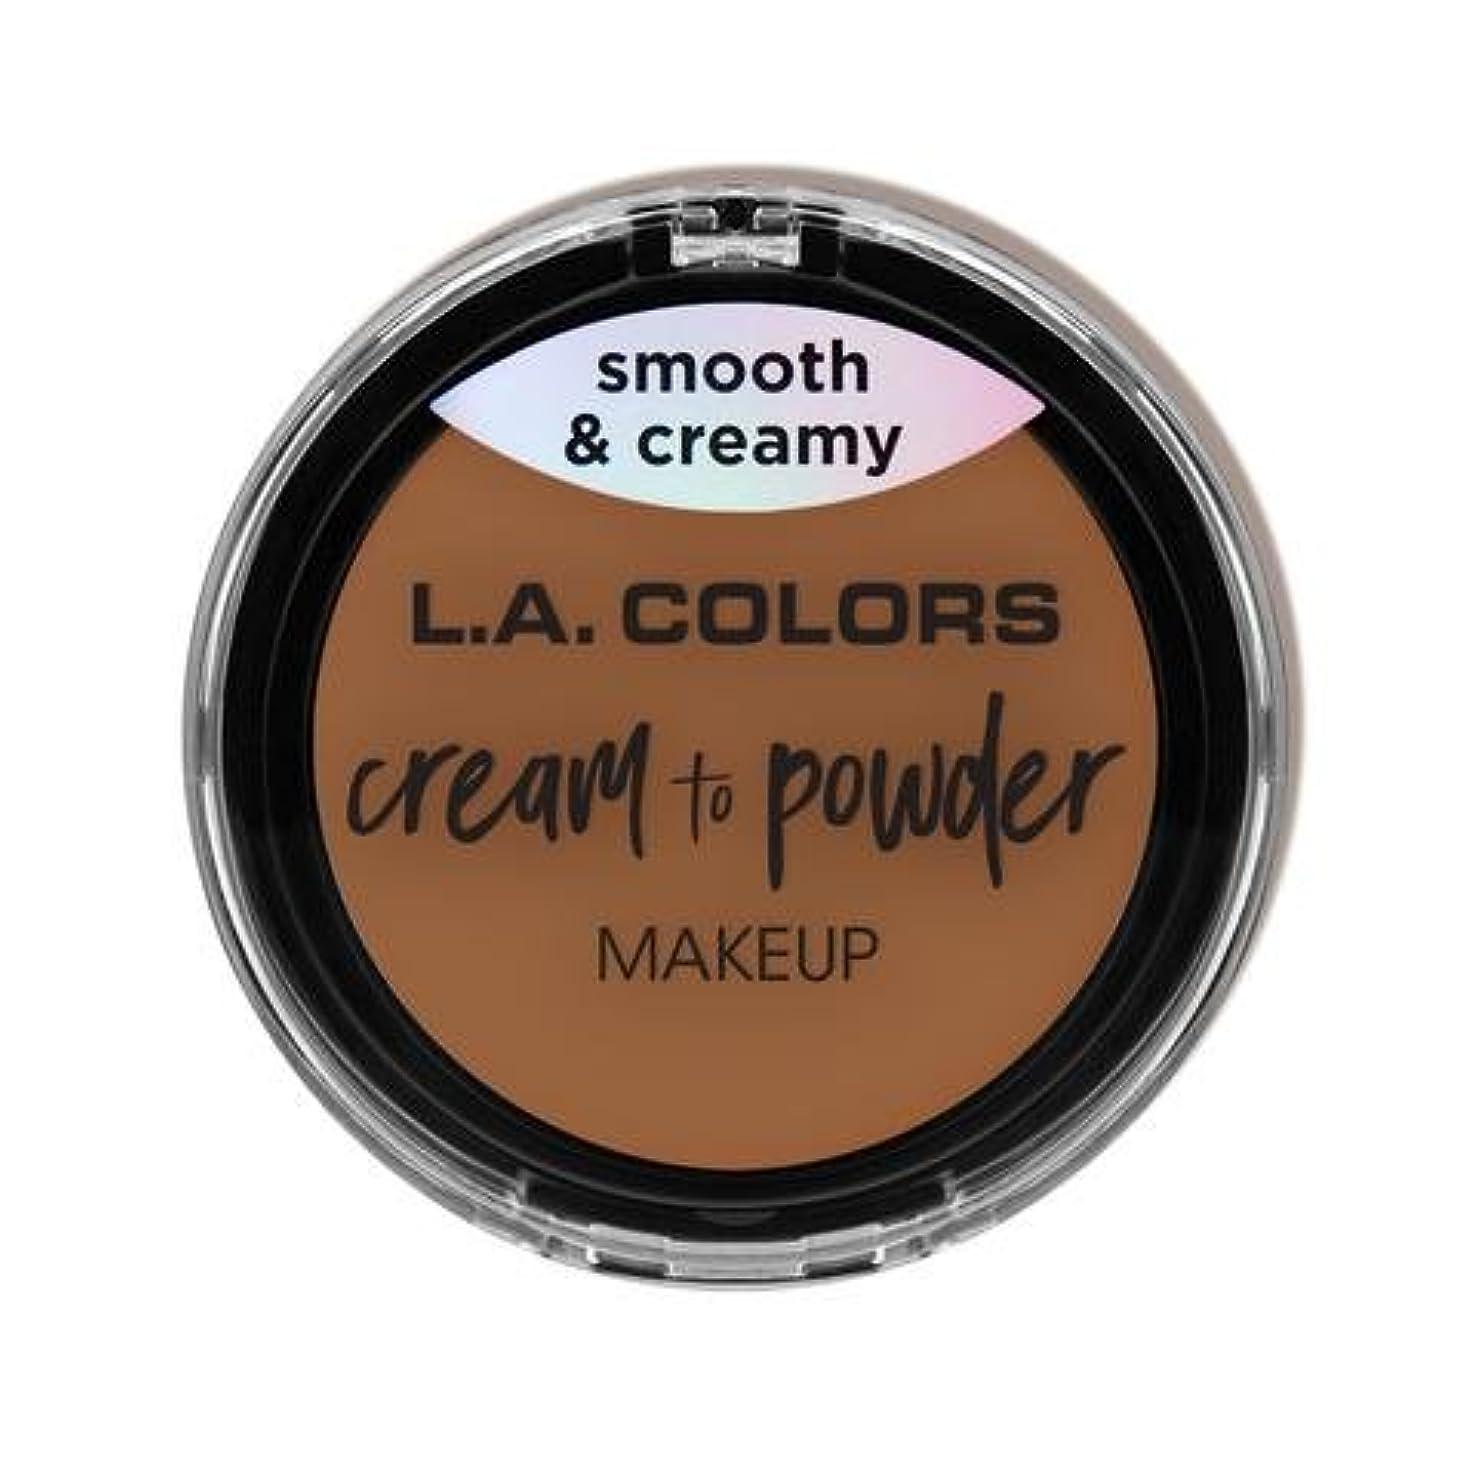 浅いメトリックウェイド(3 Pack) L.A. COLORS Cream To Powder Foundation - Sand (並行輸入品)